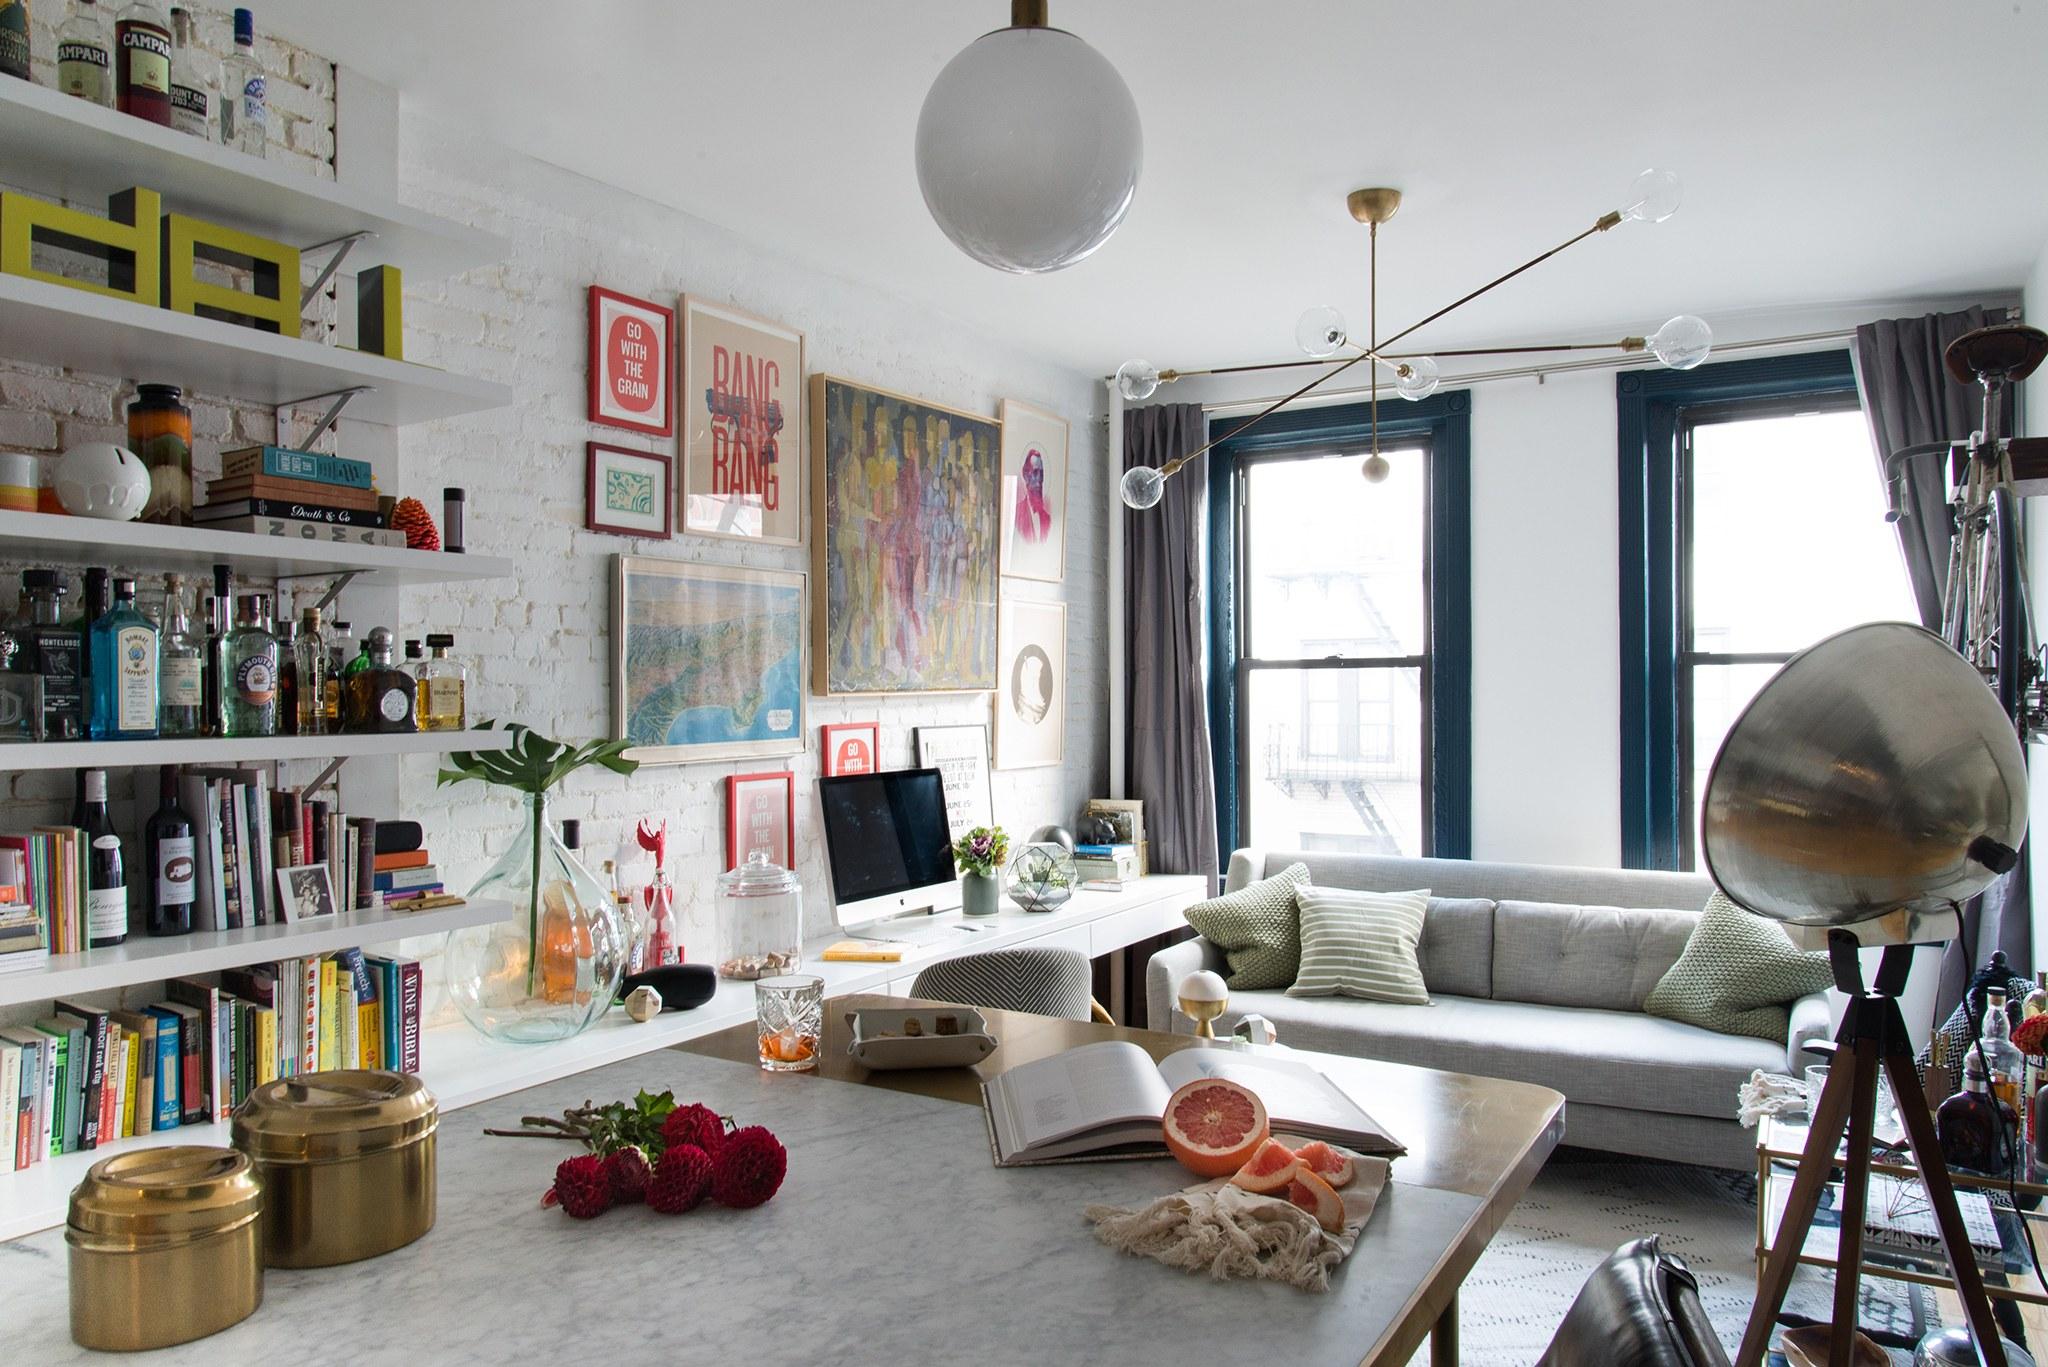 How to Create a Unique Interior Design